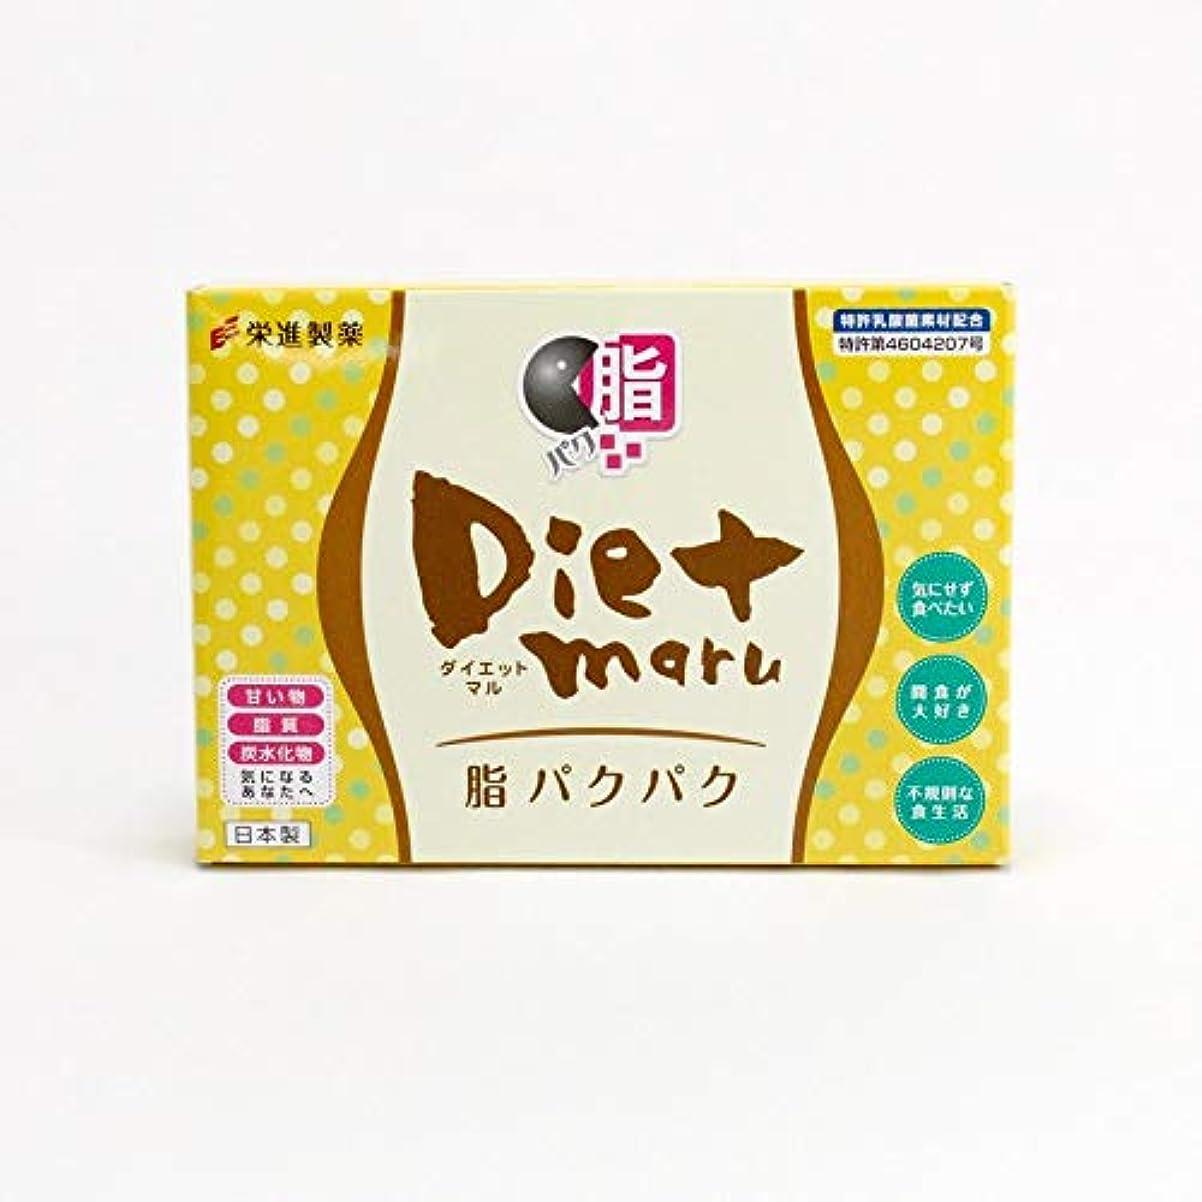 挨拶反逆者冗長Diet maruダイエットマル 脂パクパク 吸脂丸 (2)